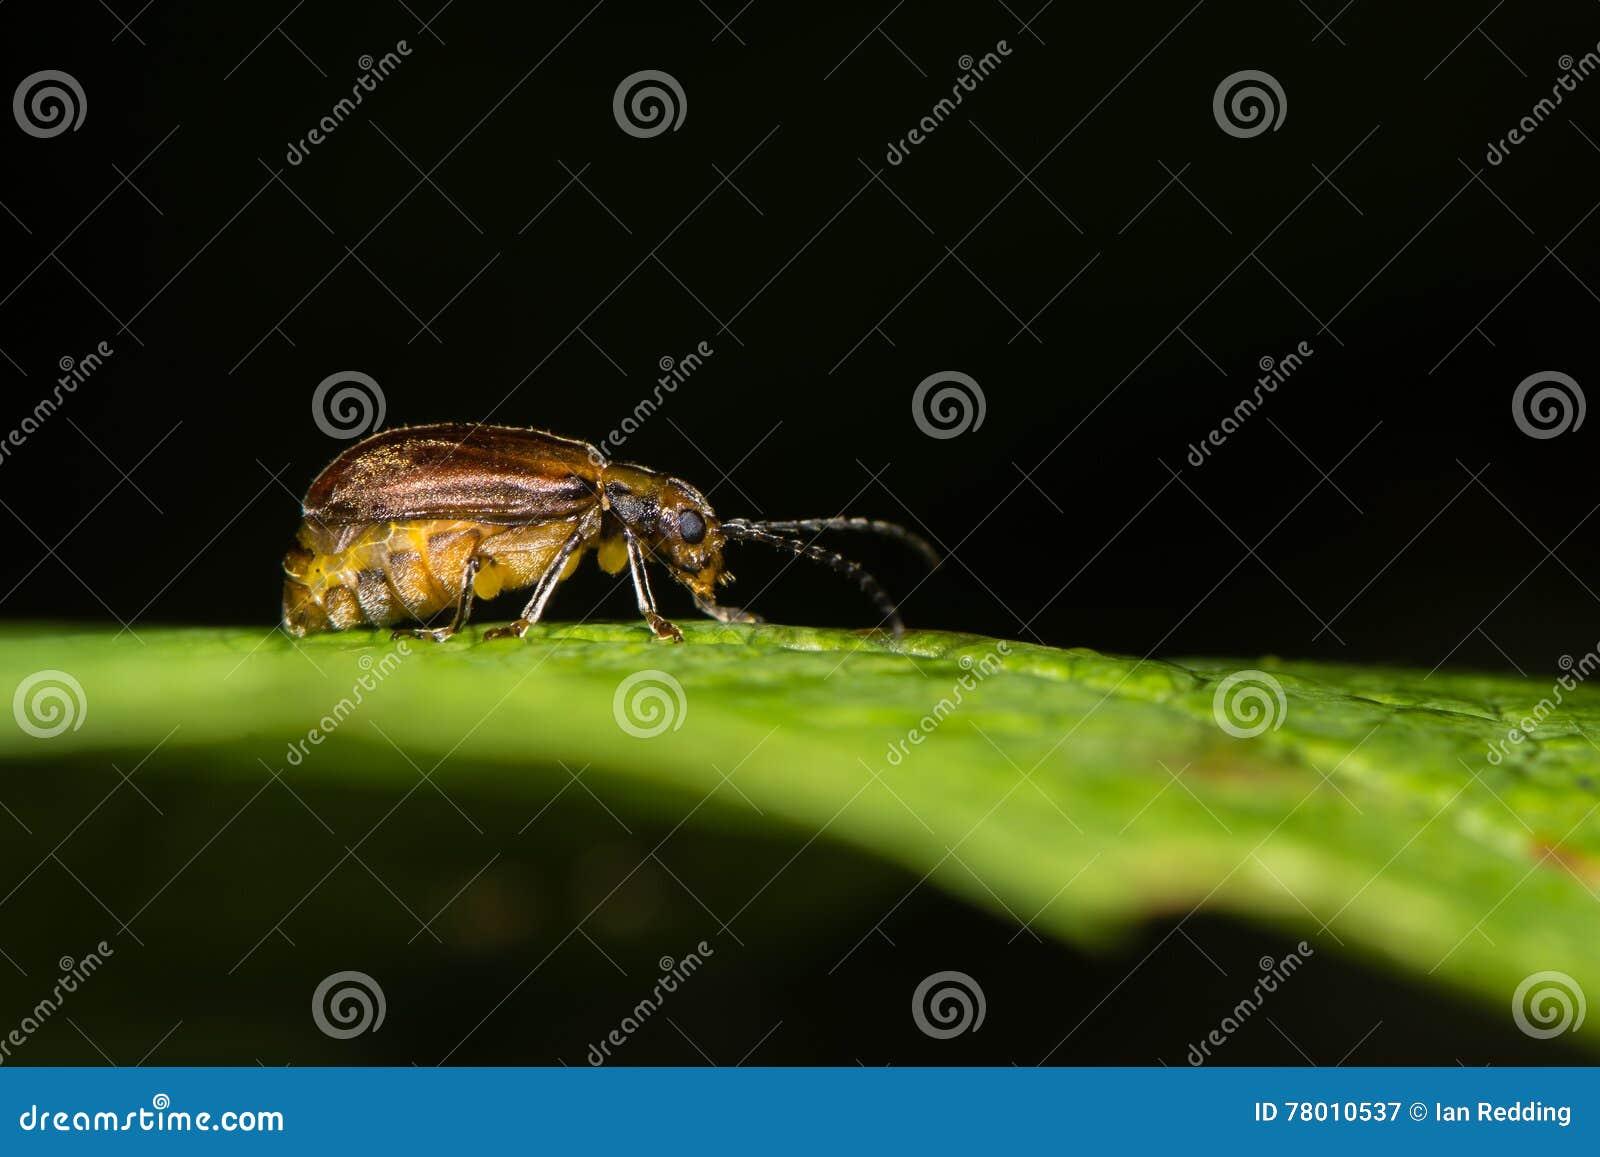 Viburnum beetle (Pyrrhalta viburni) gravid female